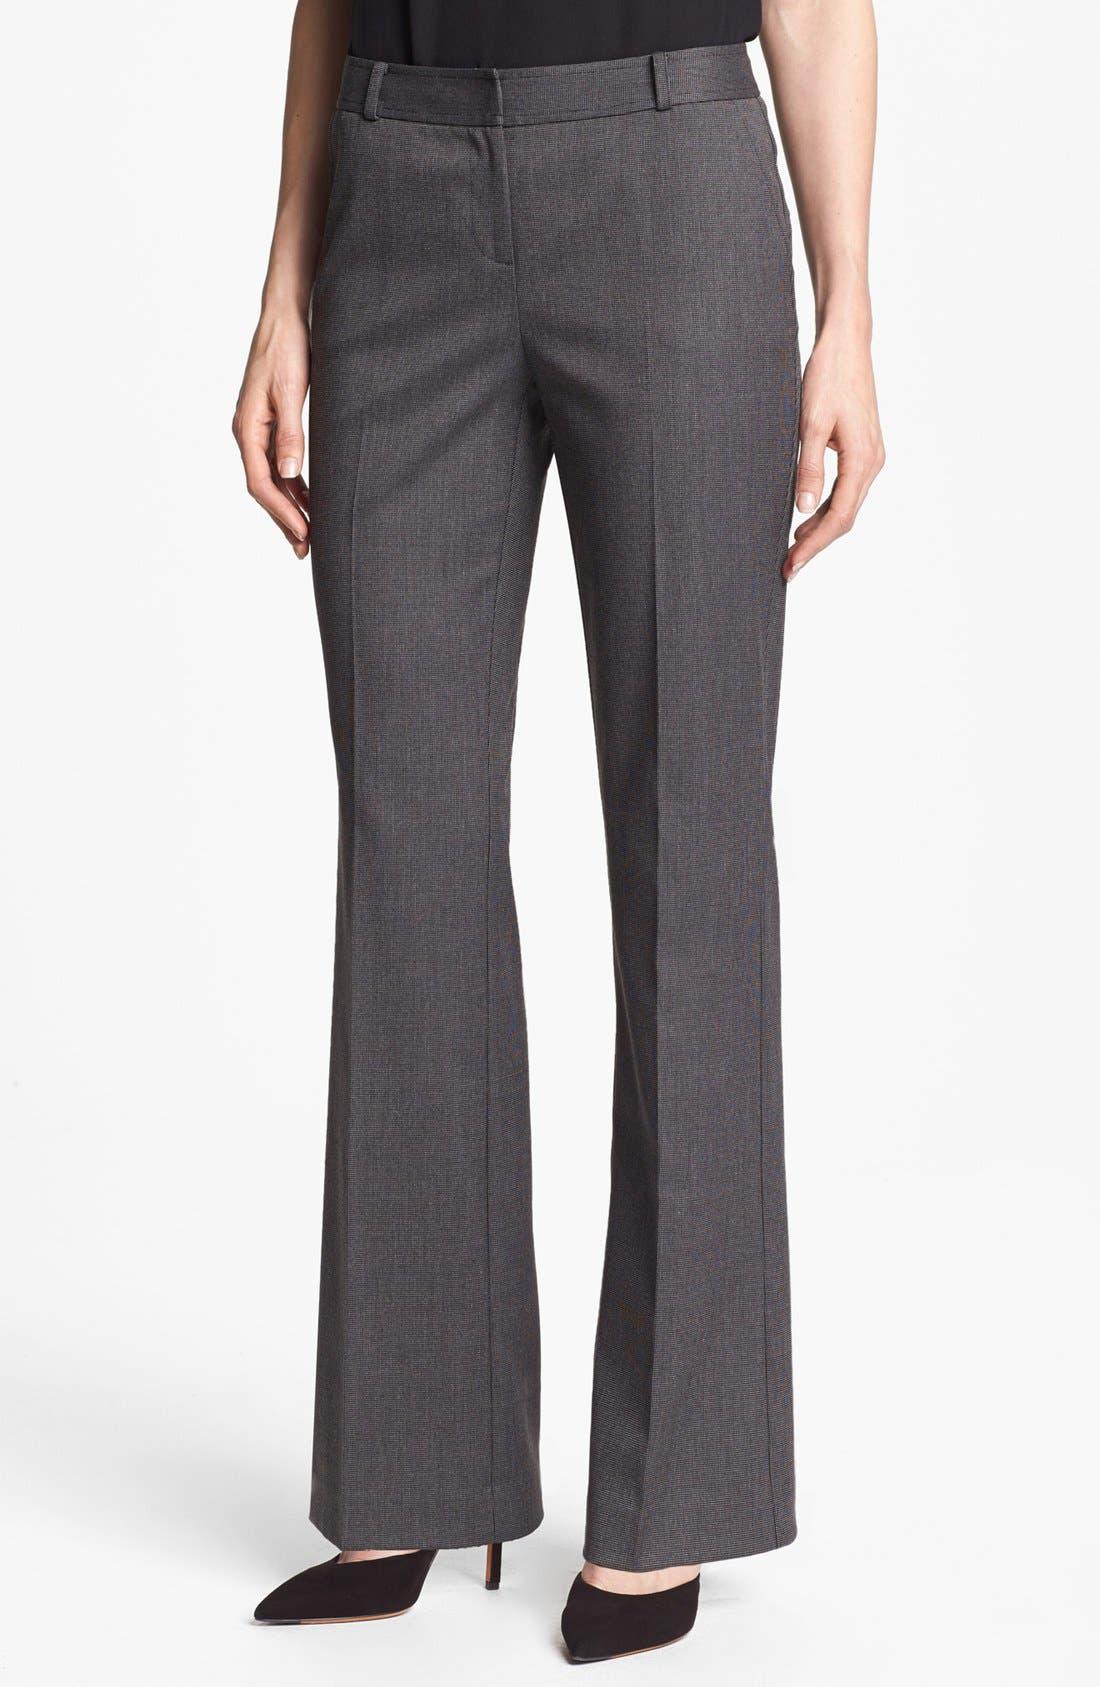 Alternate Image 1 Selected - Halogen® 'Taylor' Tweed Pants (Petite)